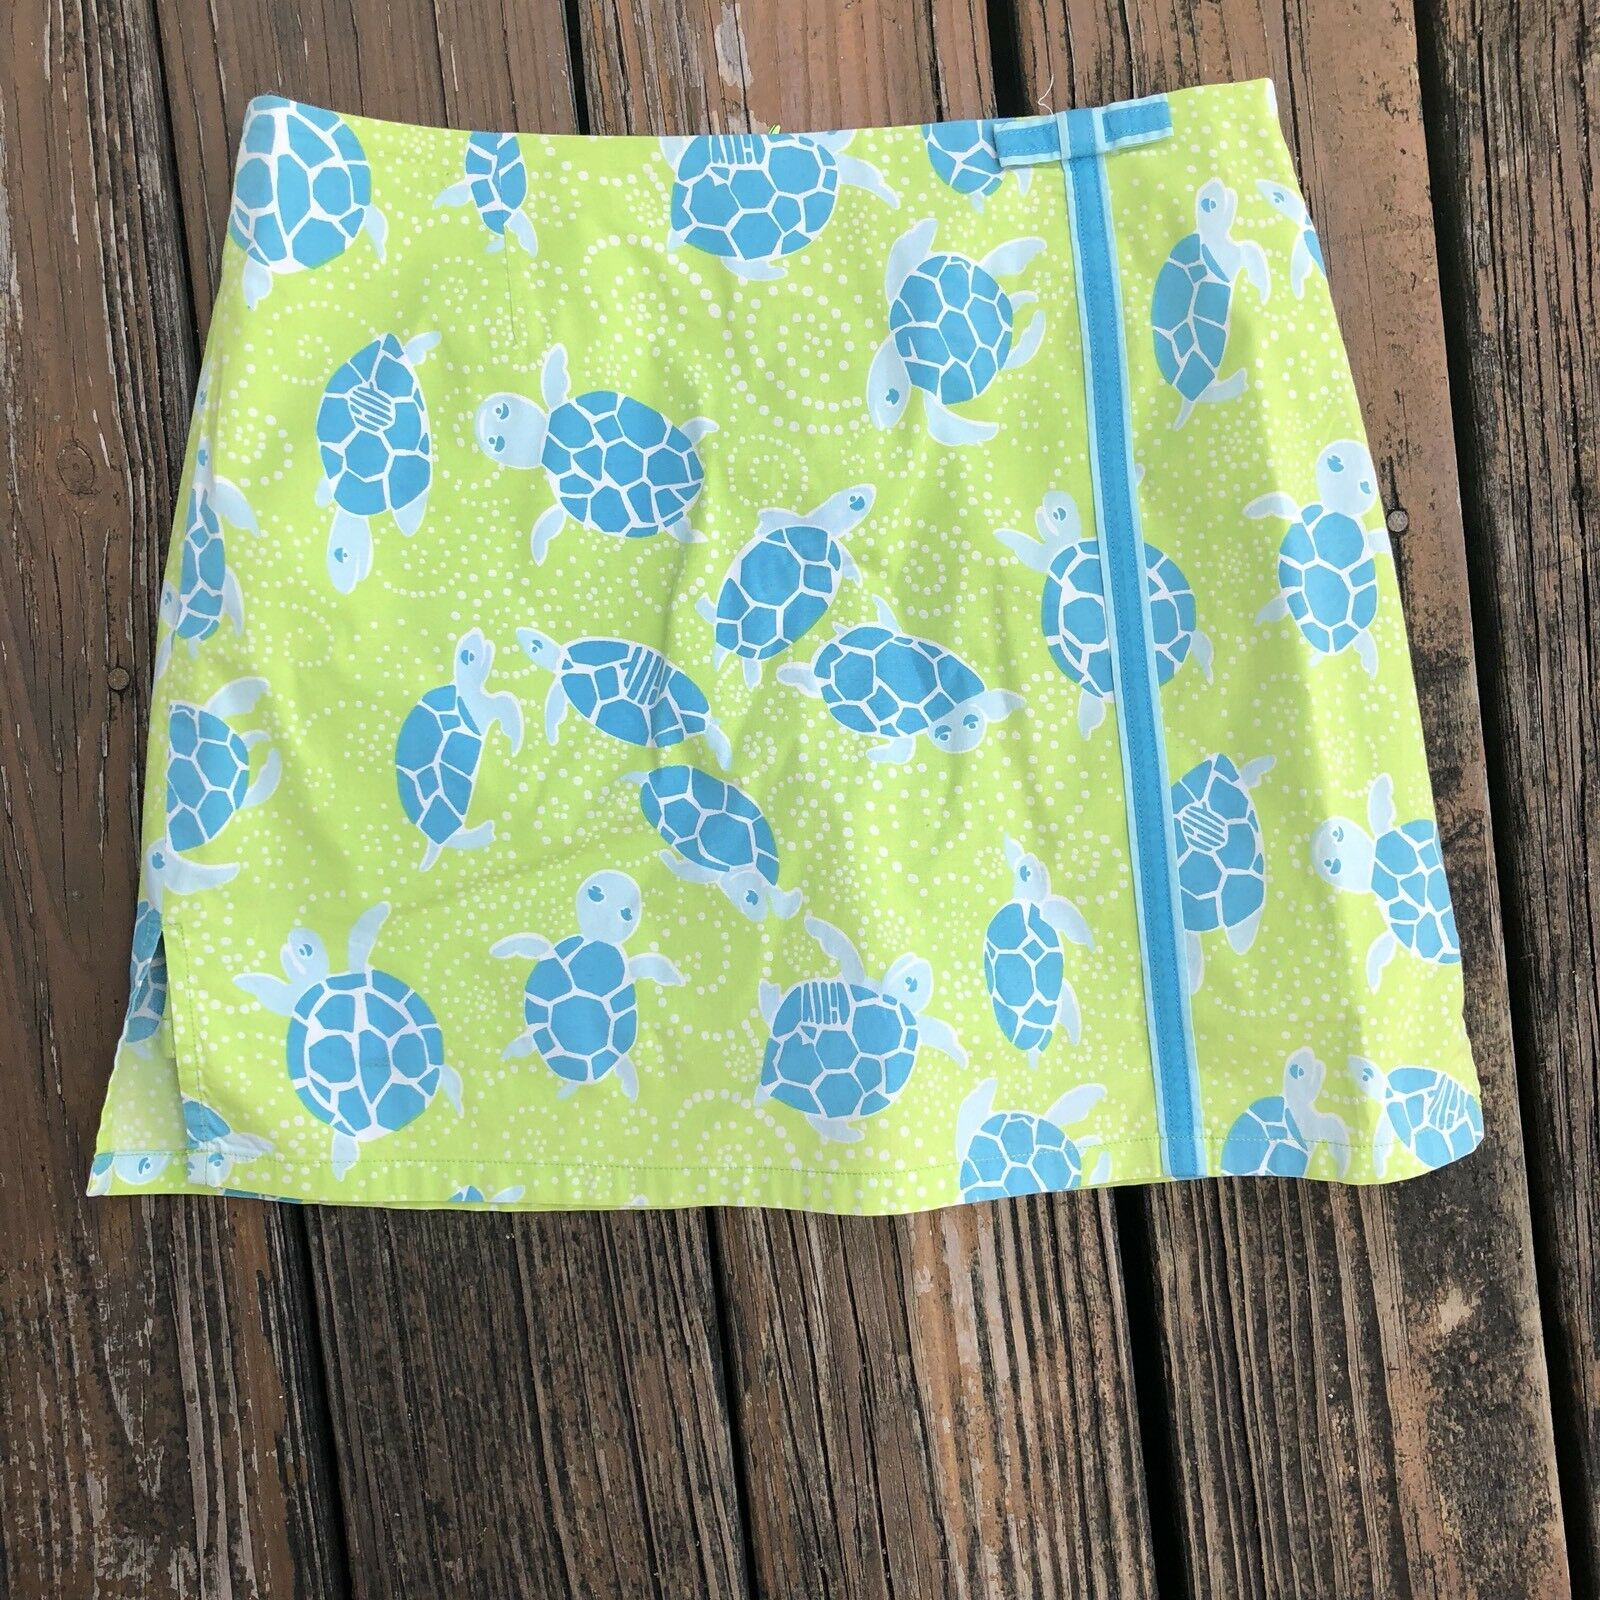 Vintage Lilly Pulitzer Turtle Lennie Skort 4 Skirt Shorts bluee Green White Label